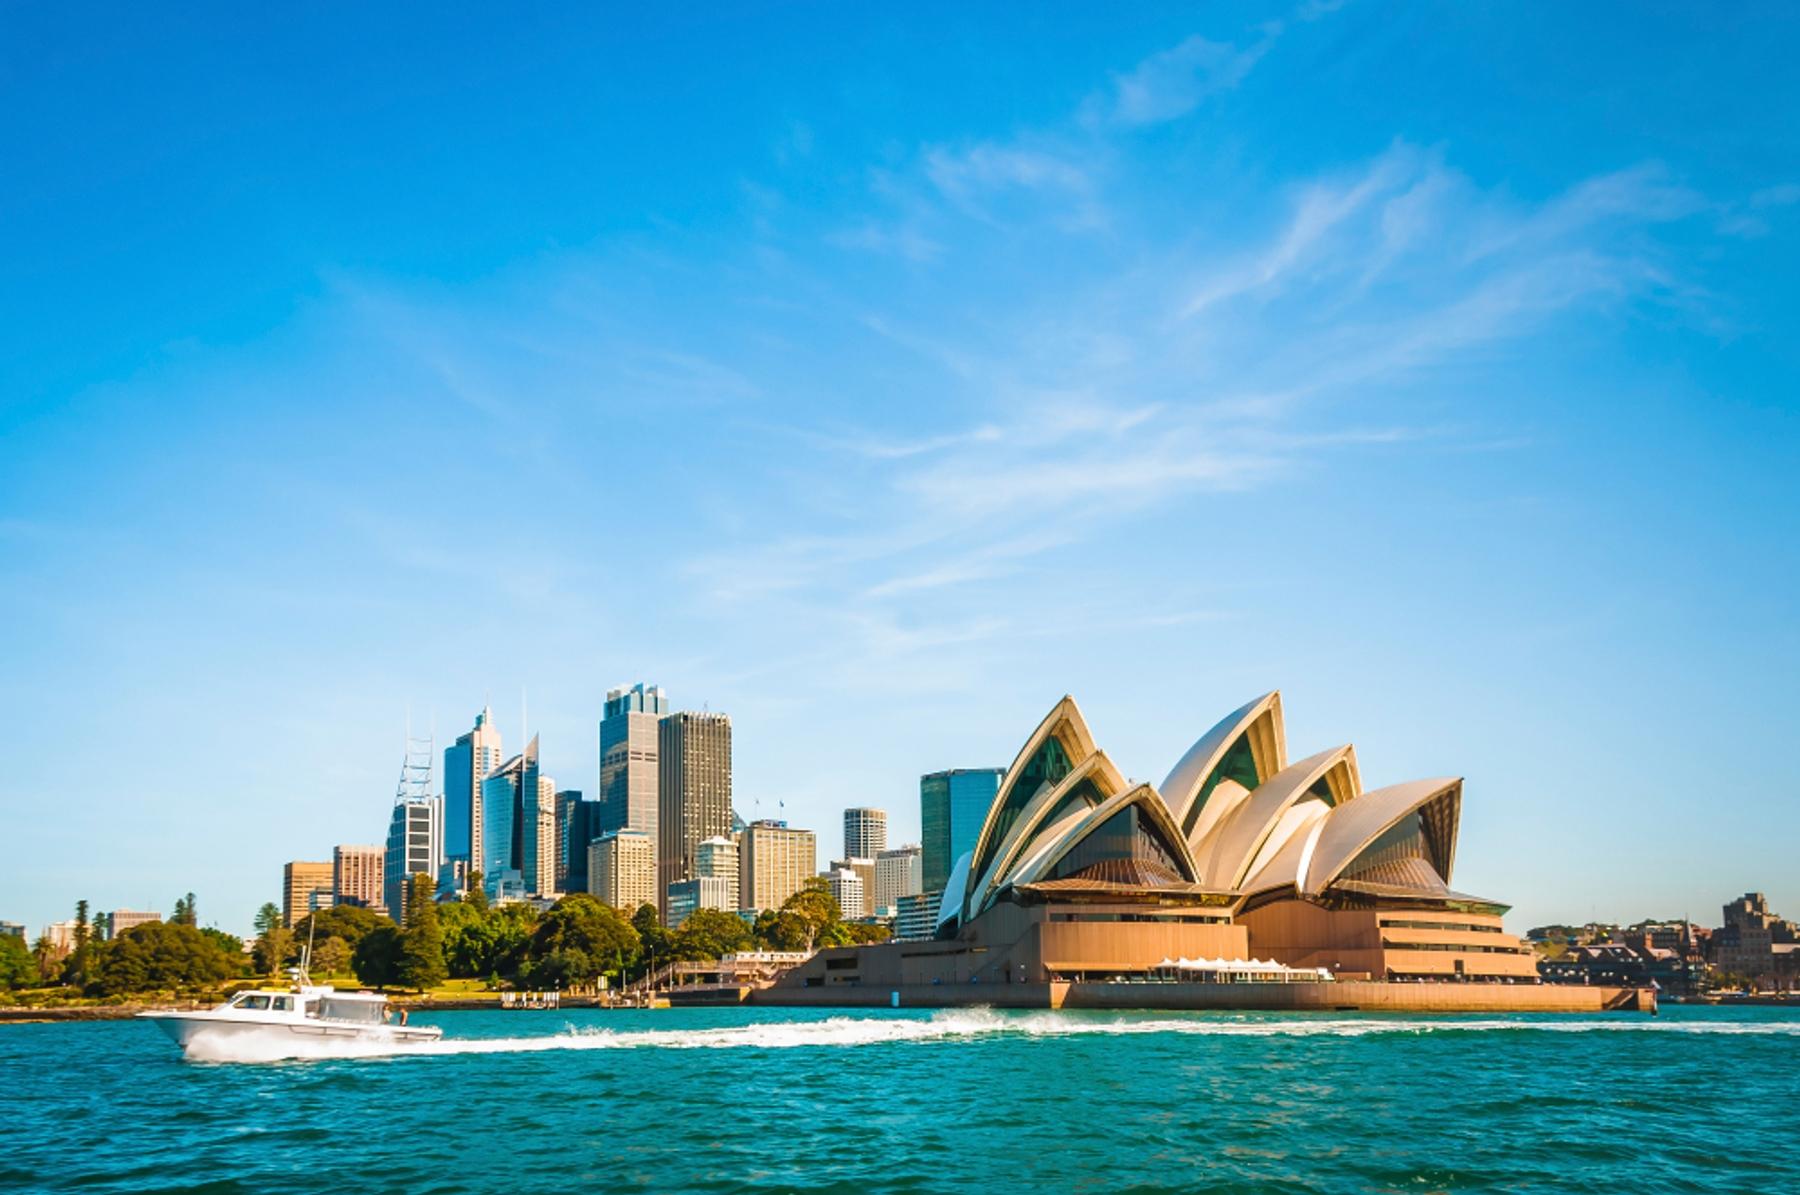 オーストラリア・シドニーのオペラハウス